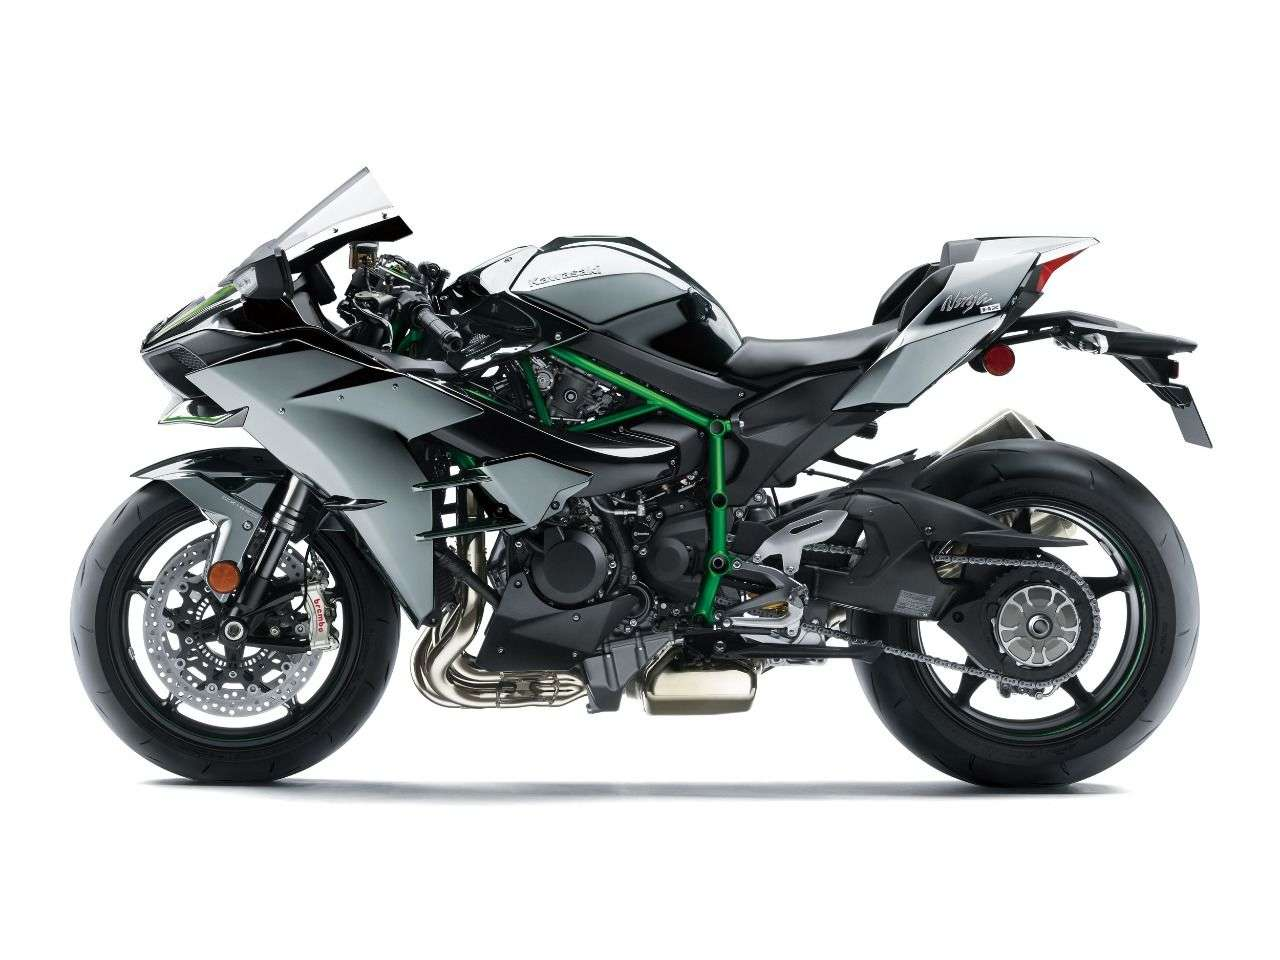 Extrem in allen Belangen. Kawasaki kennt bei der H2 kein Zurück und macht sie noch stärker - und schneller.